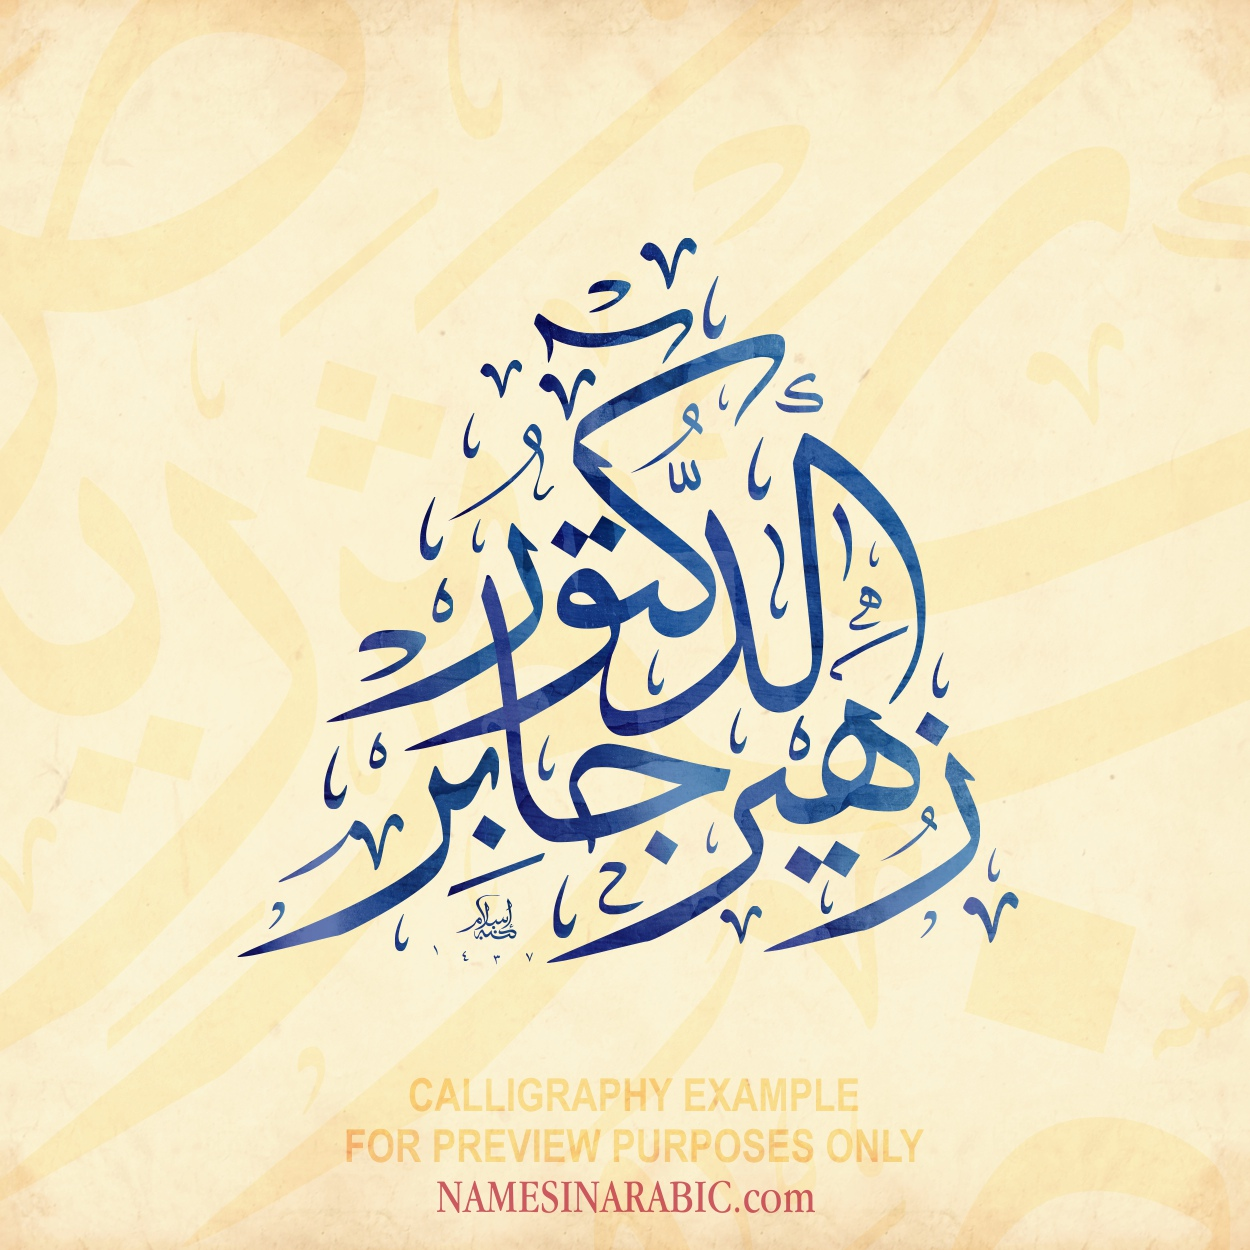 صورة اسم زهير Zohyr اسم زهير بالخط العربي من موقع الأسماء بالخط العربي بريشة الفنان إسلام ابن الفضل